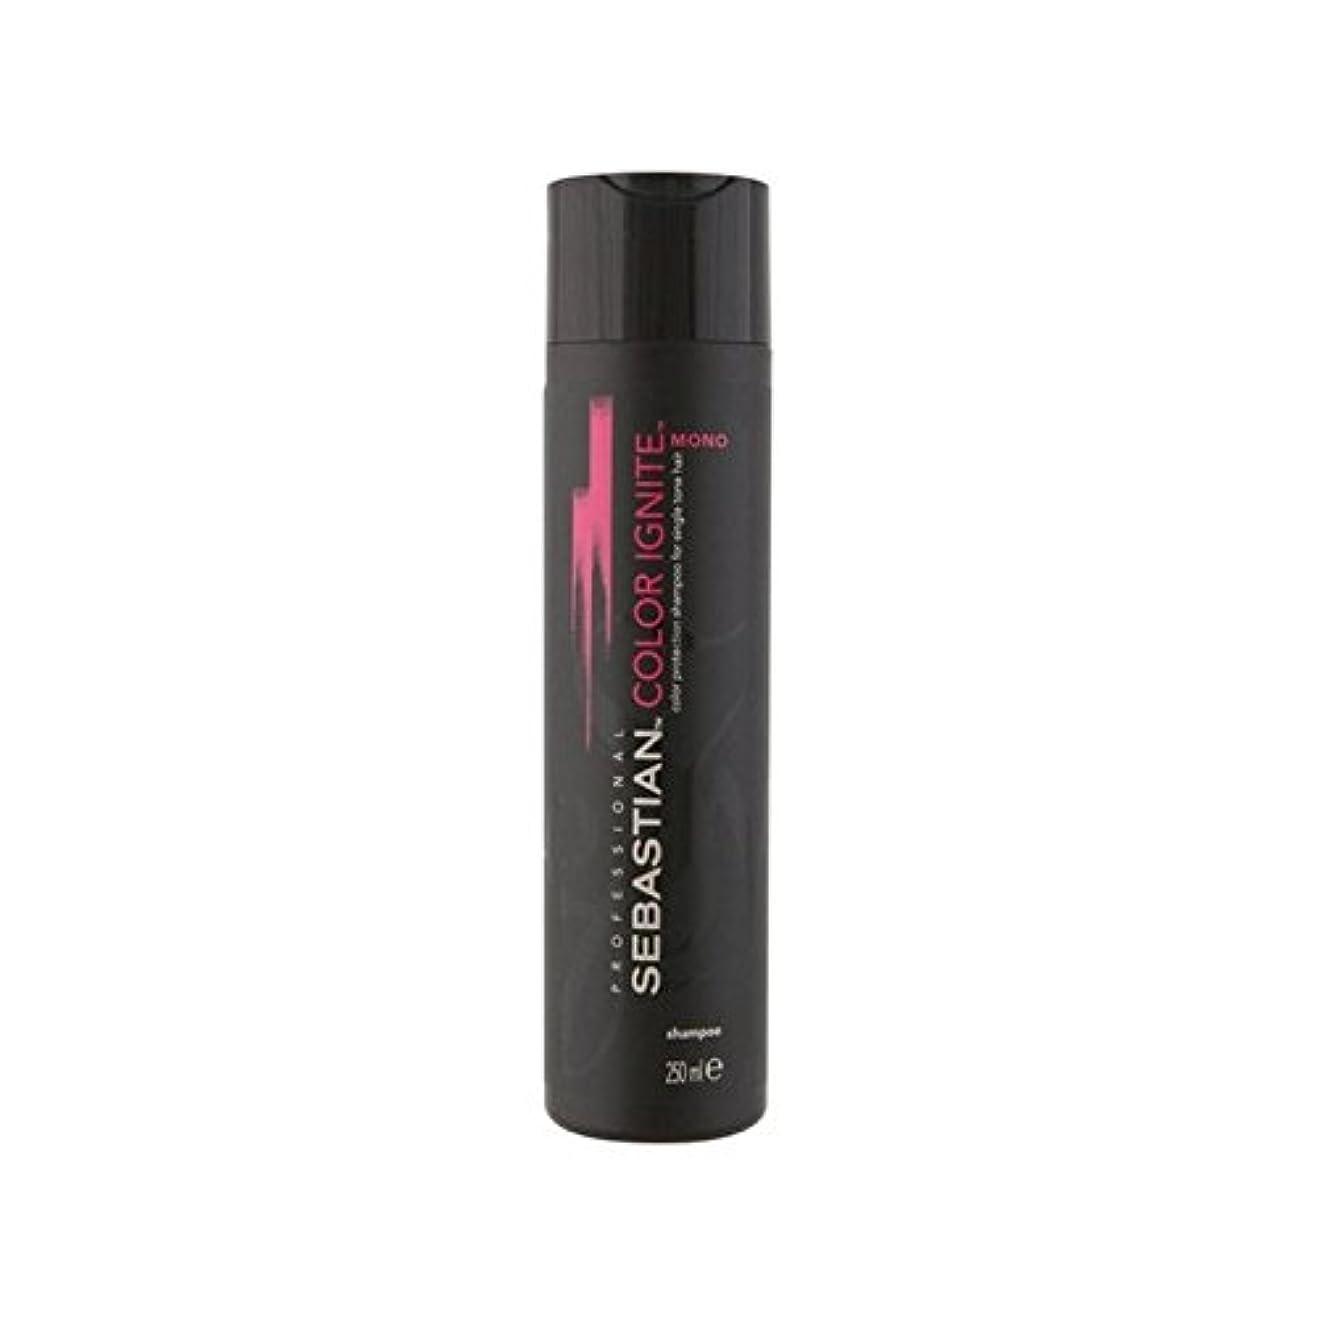 ブレーキ講師砂Sebastian Professional Color Ignite Mono Shampoo (250ml) - セバスチャンプロのカラーにモノシャンプー(250ミリリットル) [並行輸入品]